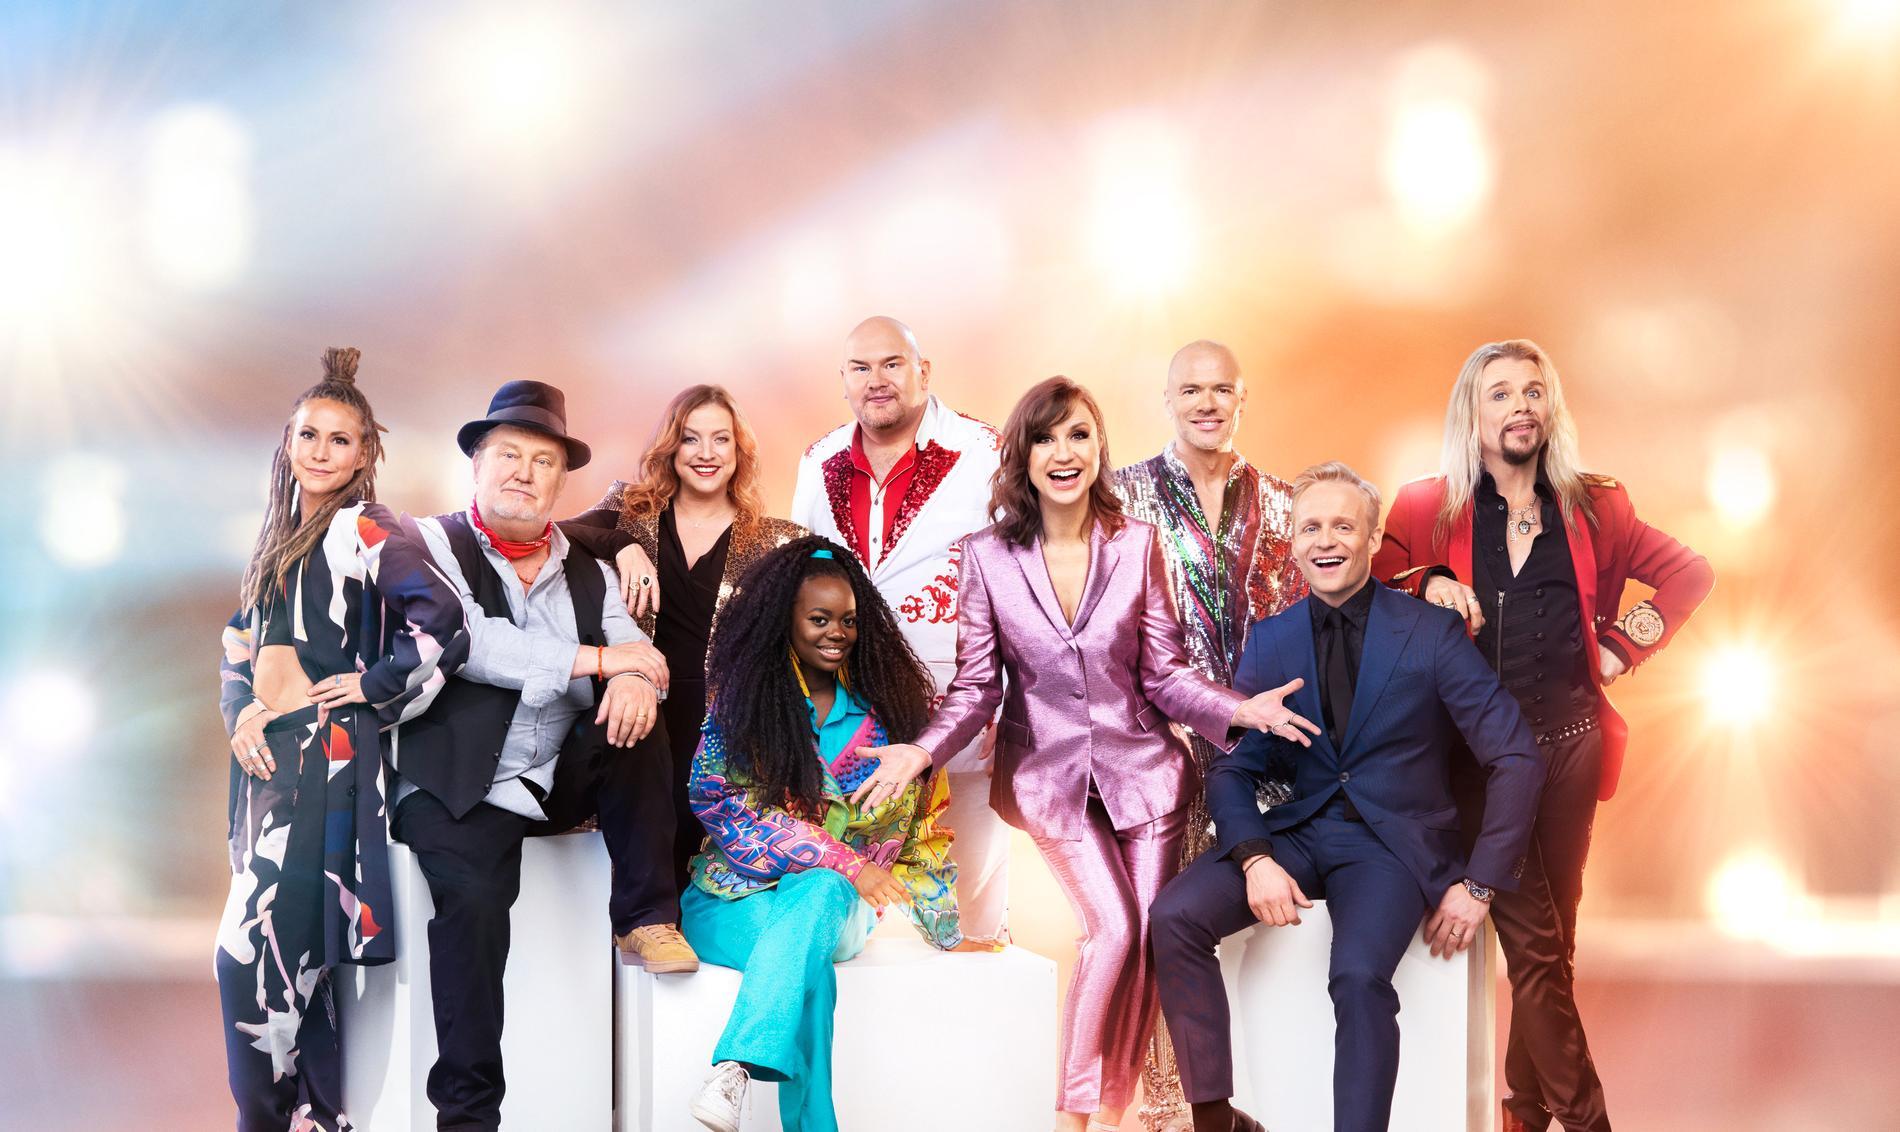 """Underhållningsprogrammet """"Stjärnornas stjärna"""" är tillbaka i vår med åtta nya artister som ska tävla mot varandra."""